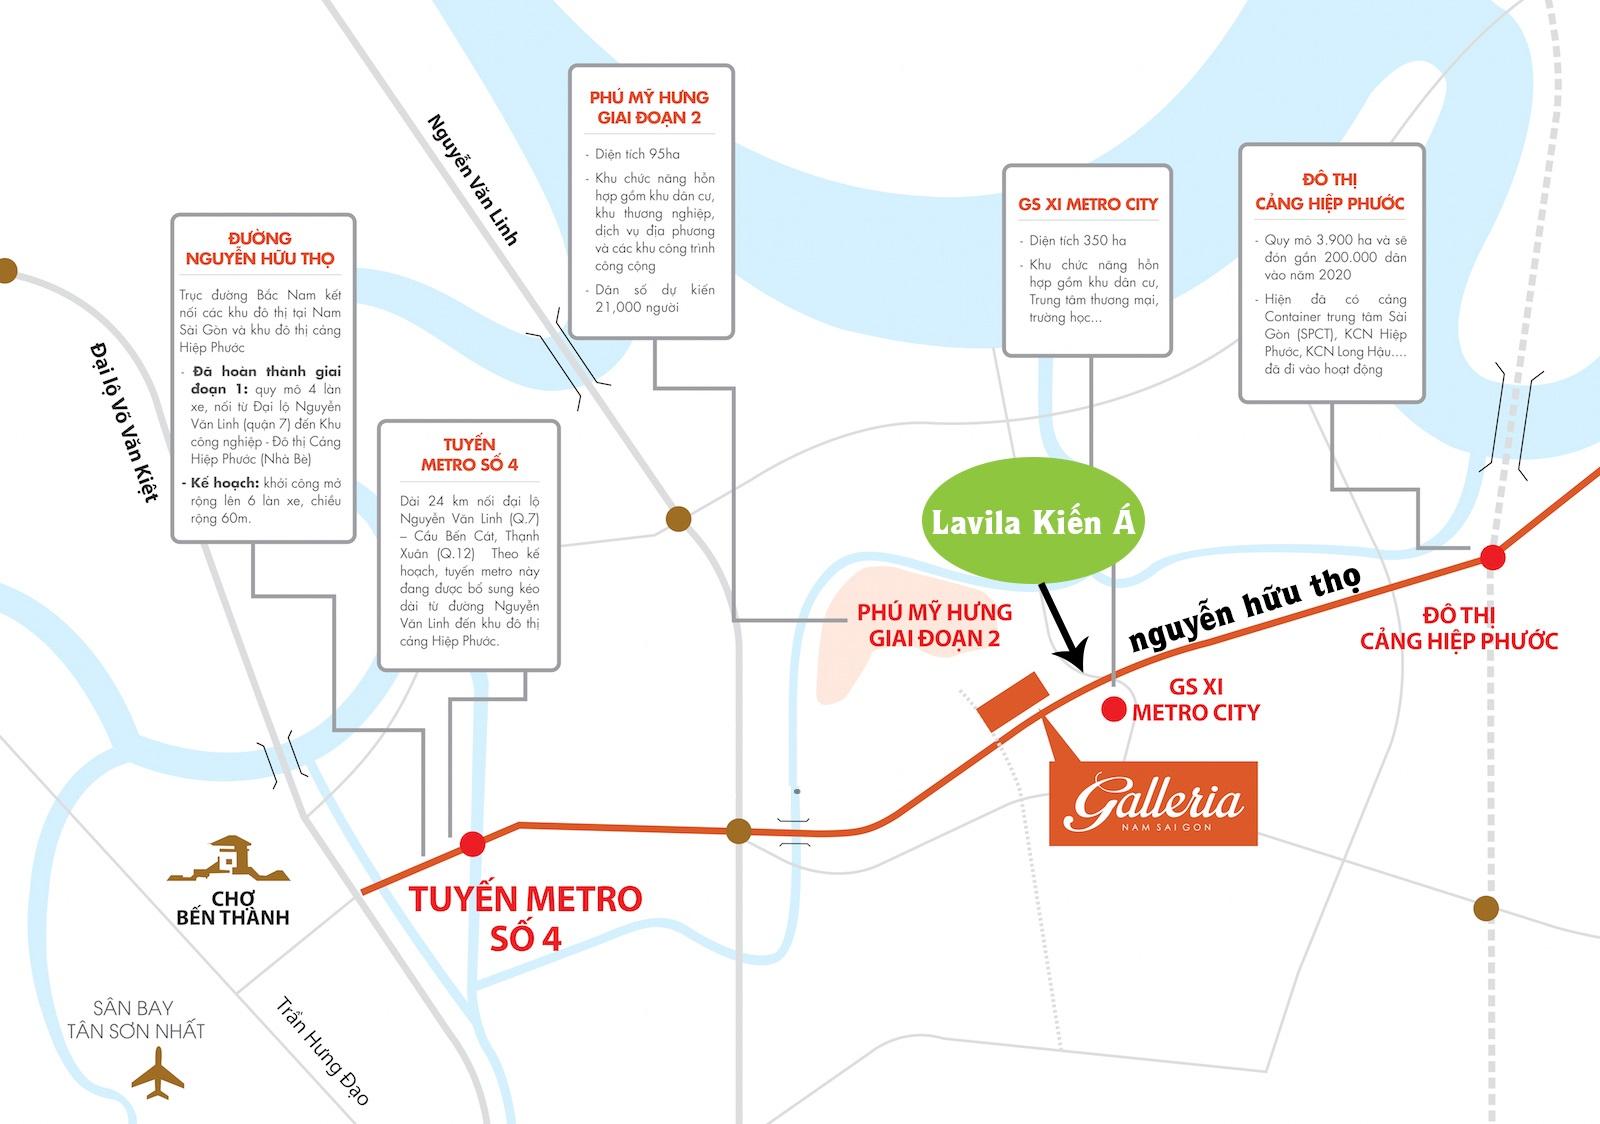 Quy hoạch dự án xung quanh khu biệt thự ven sông Lavila